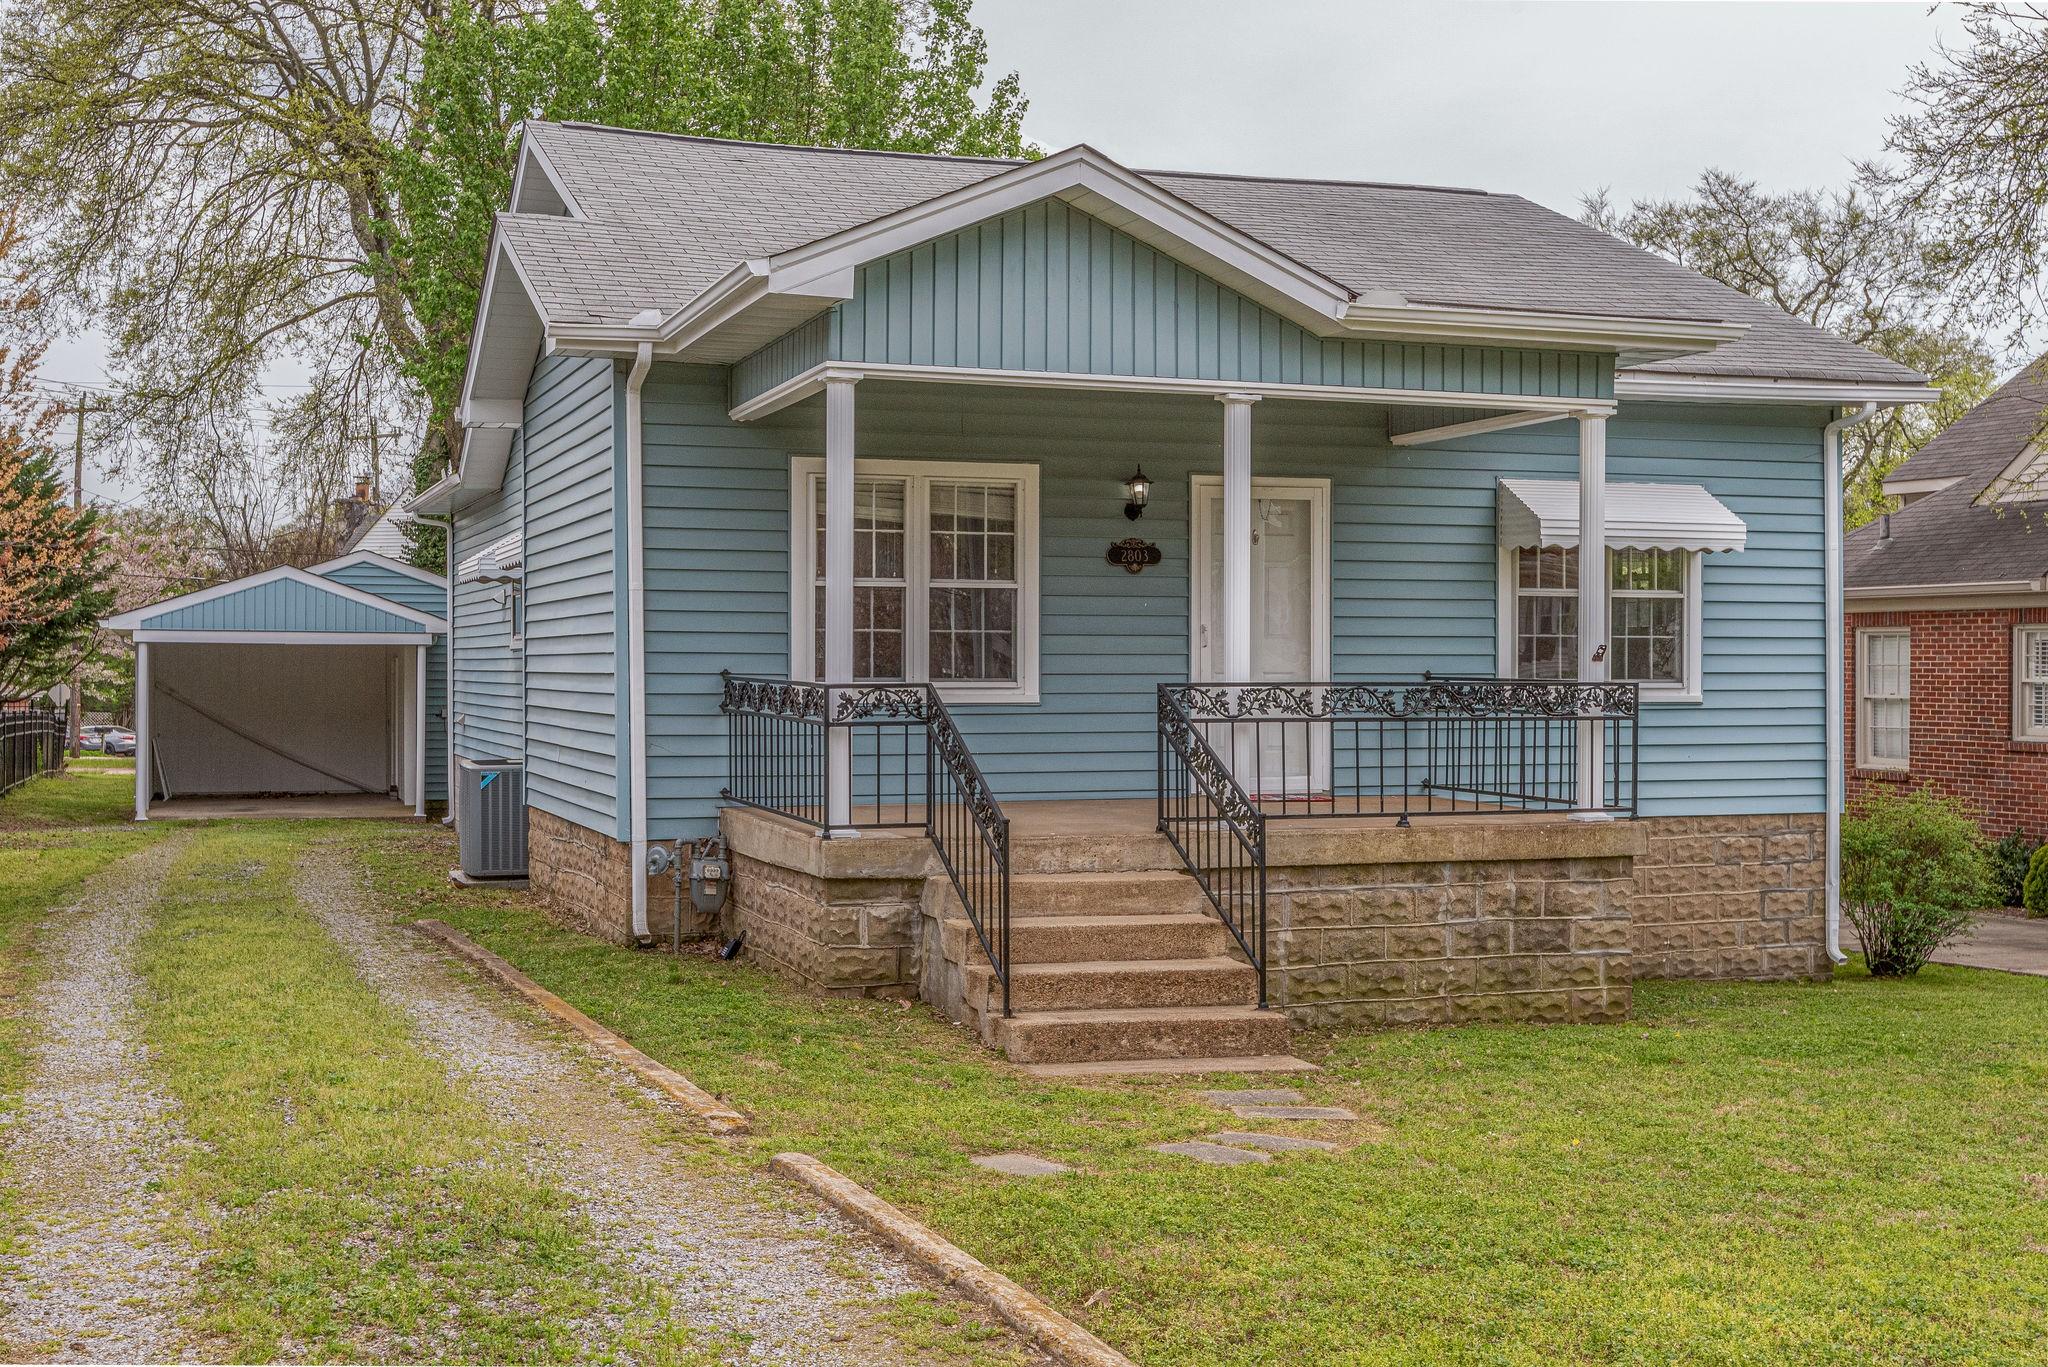 2803 Westmoreland Dr, Nashville, TN 37212 - Nashville, TN real estate listing